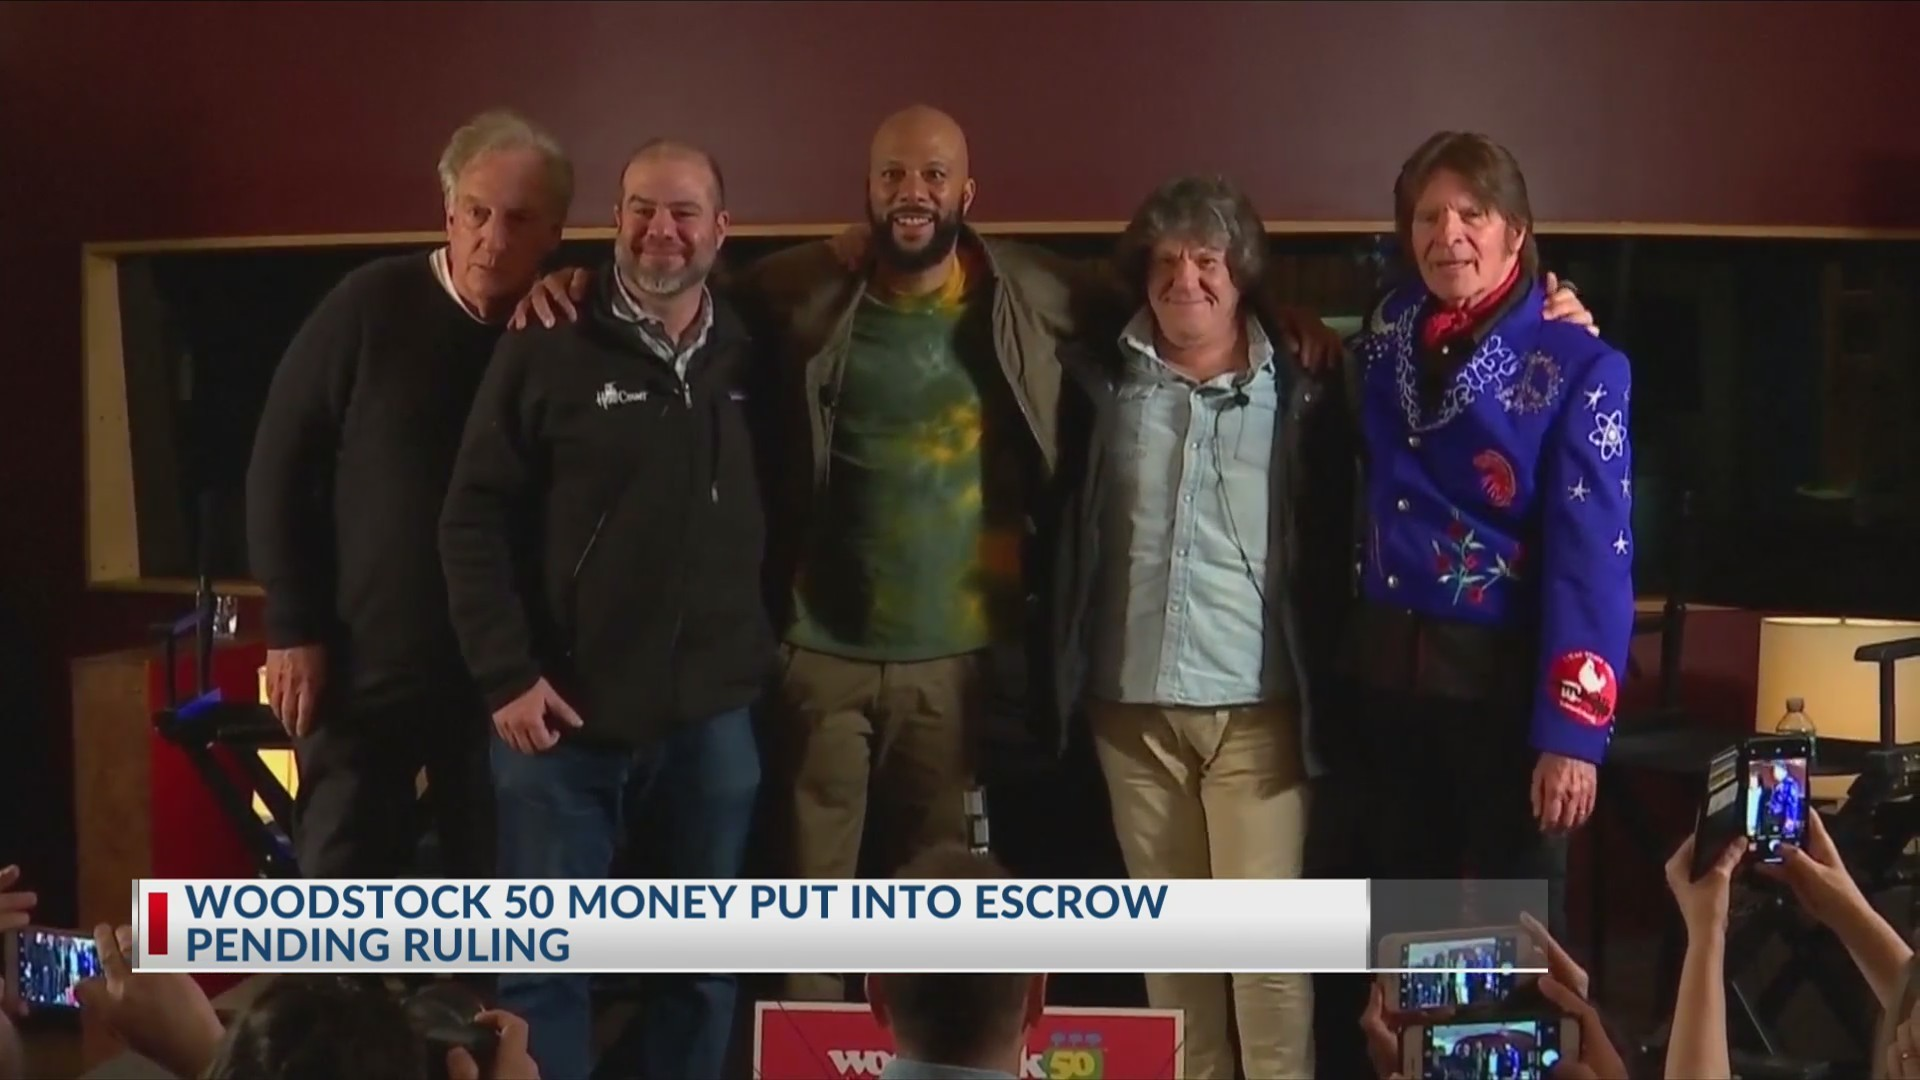 Woodstock money put into escrow